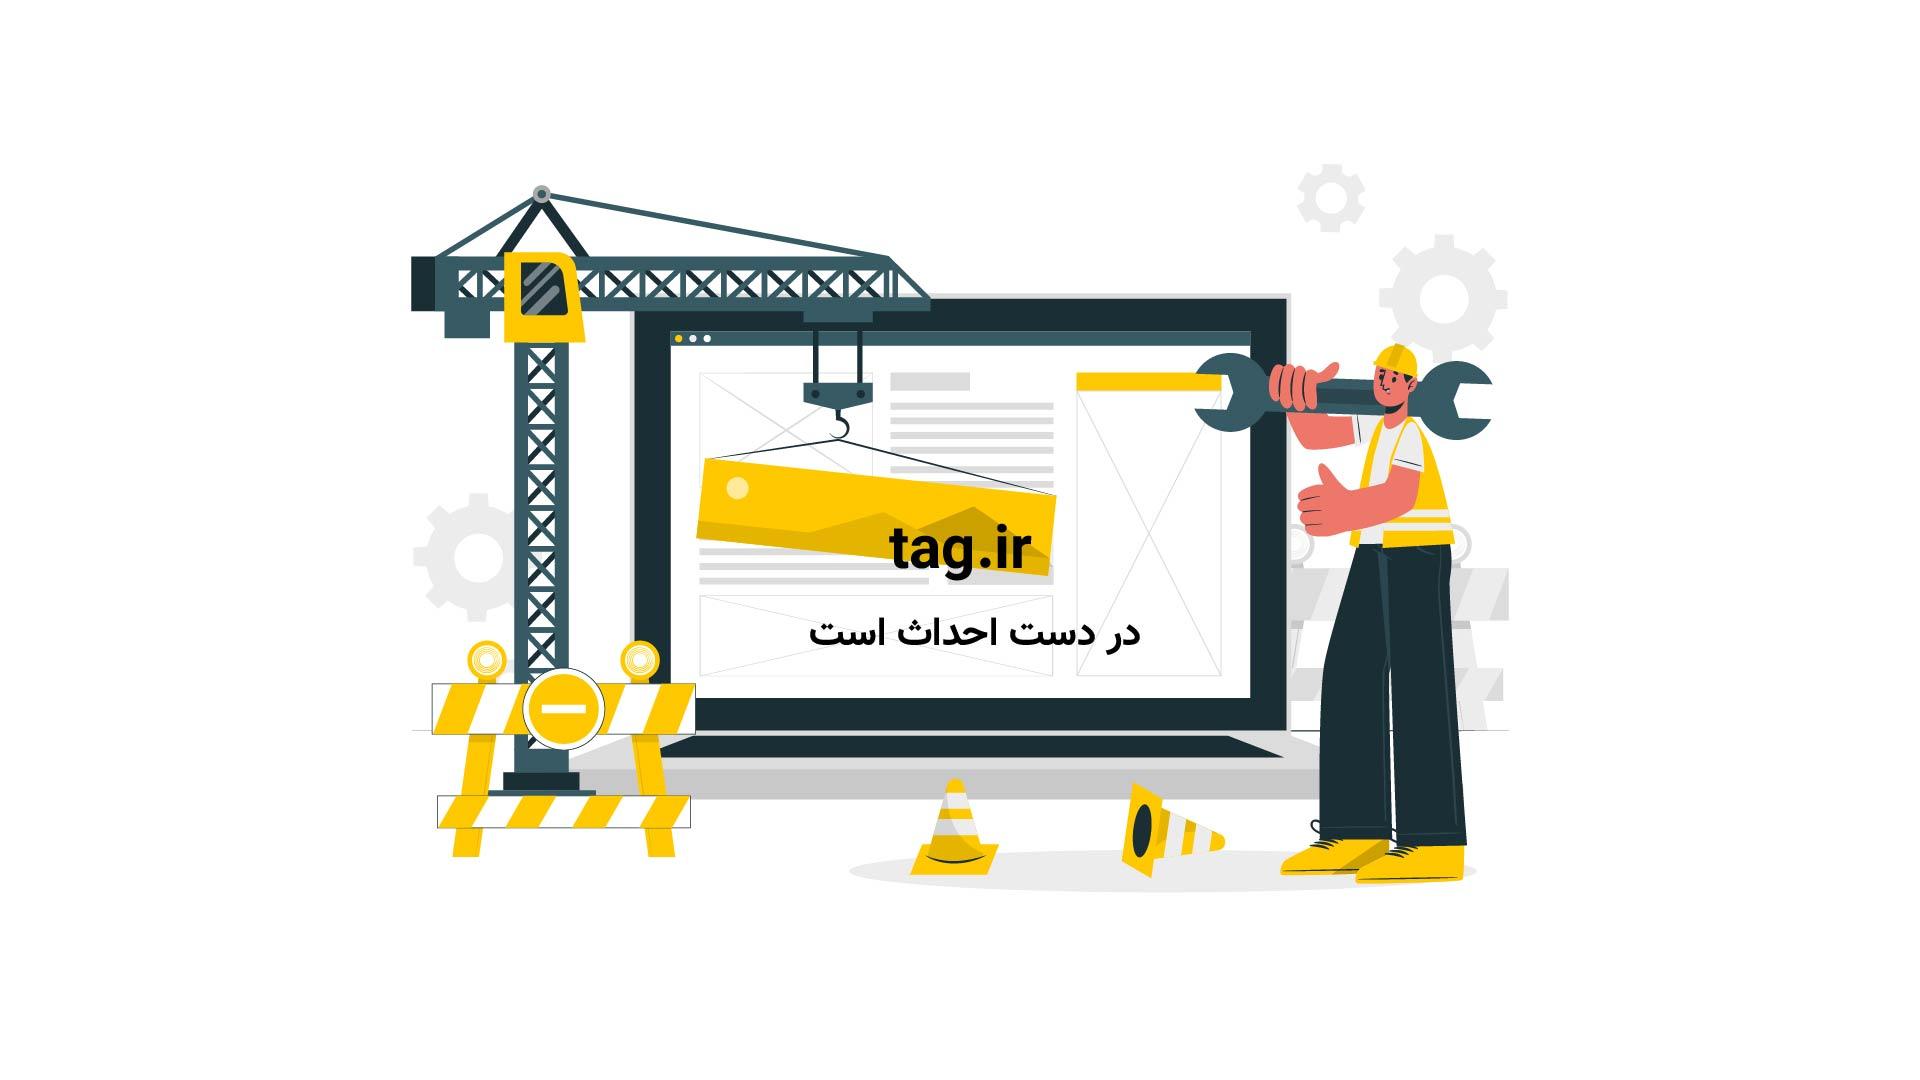 پیش بینی بارش باران در نواحی جنوبی دریای خزر | فیلم